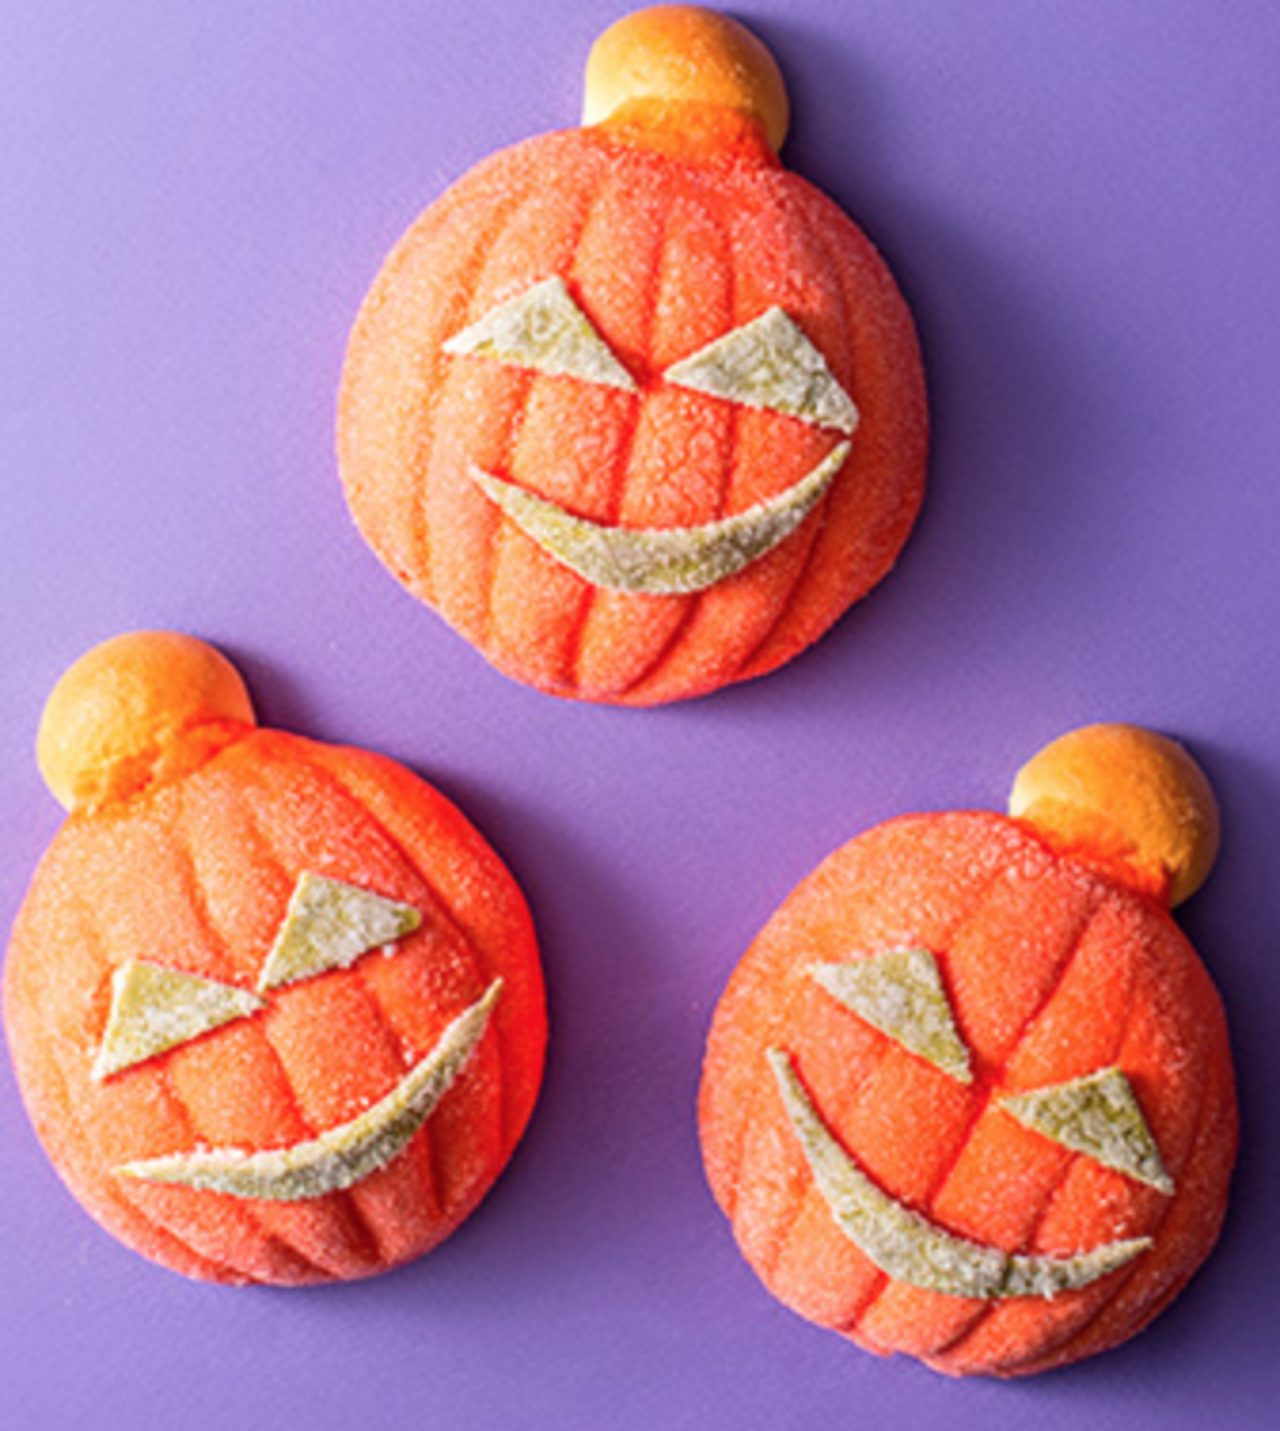 画像: (3)「ハロウィン・パンプキン」 1個 220円 ジャック・オー・ランタンをイメージして焼きあげたメロンパンです。中には、かぼちゃフィリングがはいっています。